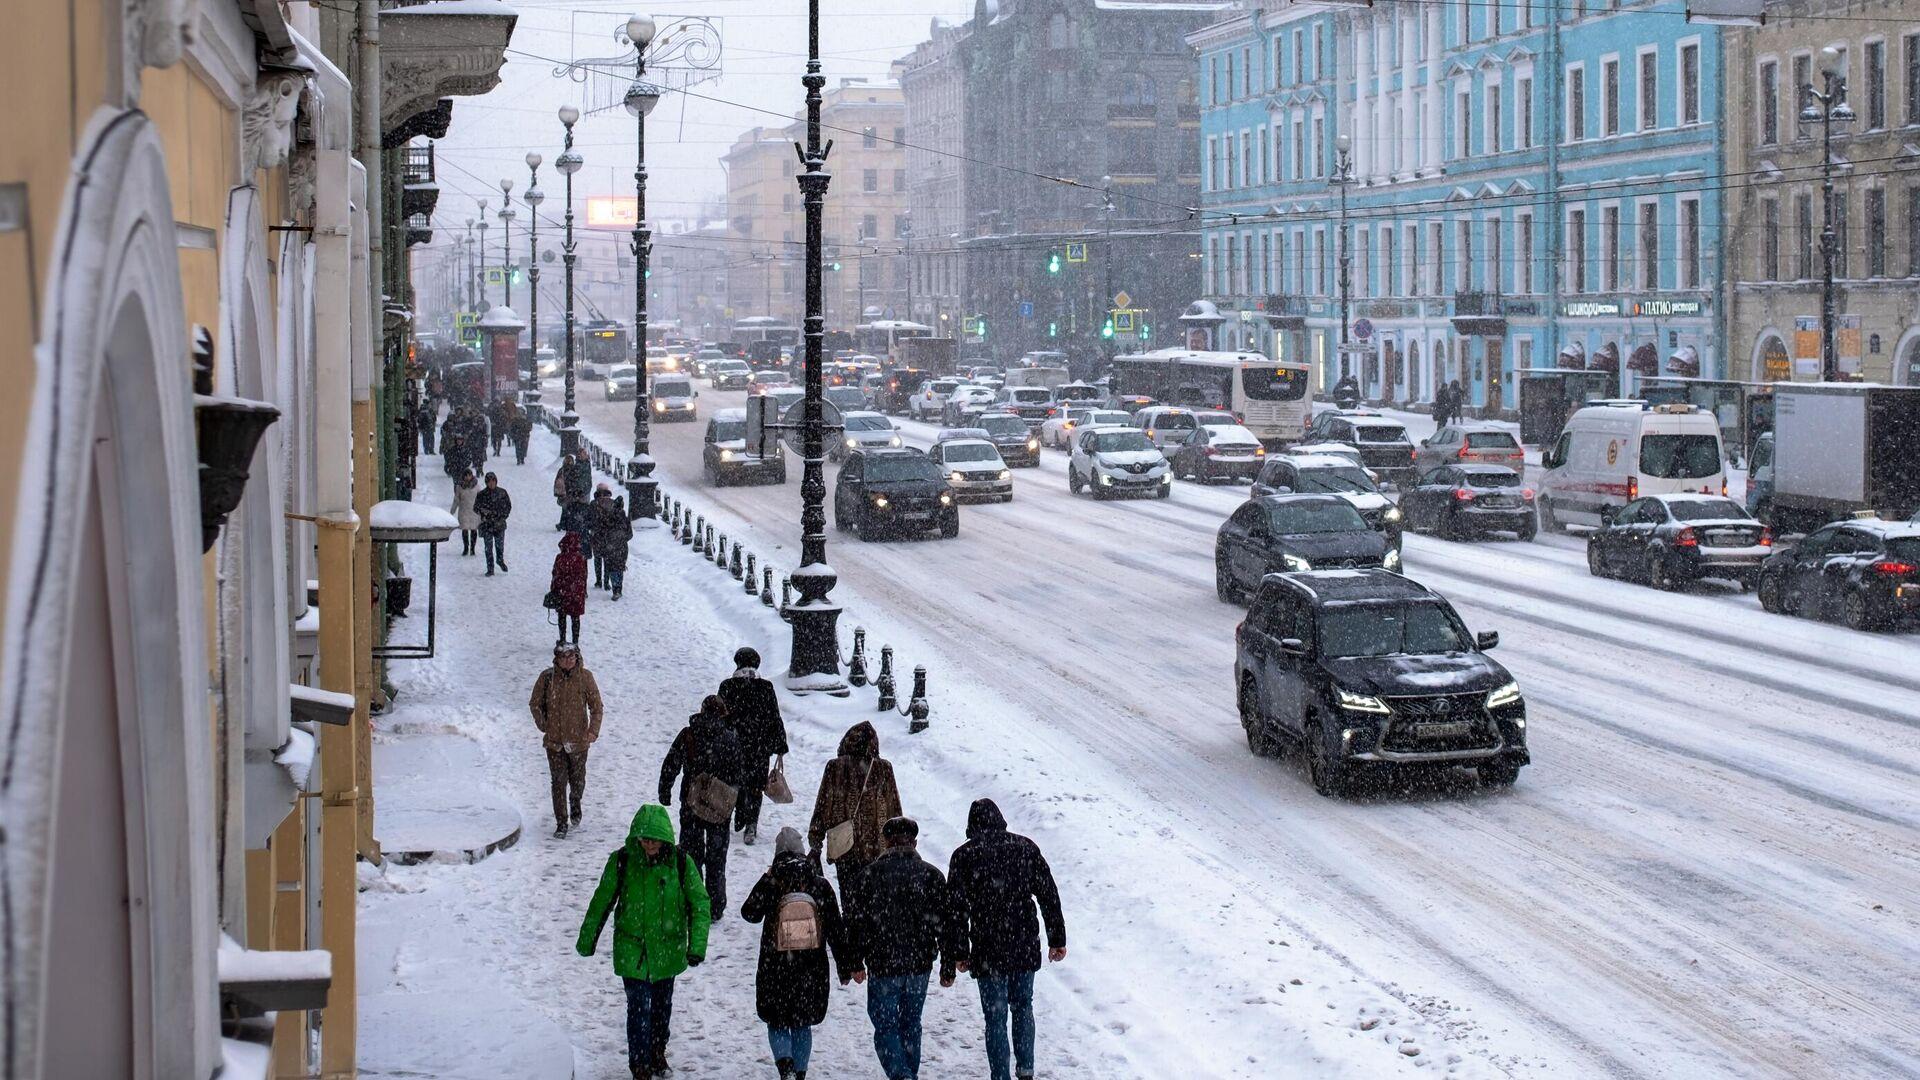 На Невском проспекте в Санкт-Петербурге во время снегопада - РИА Новости, 1920, 16.01.2021